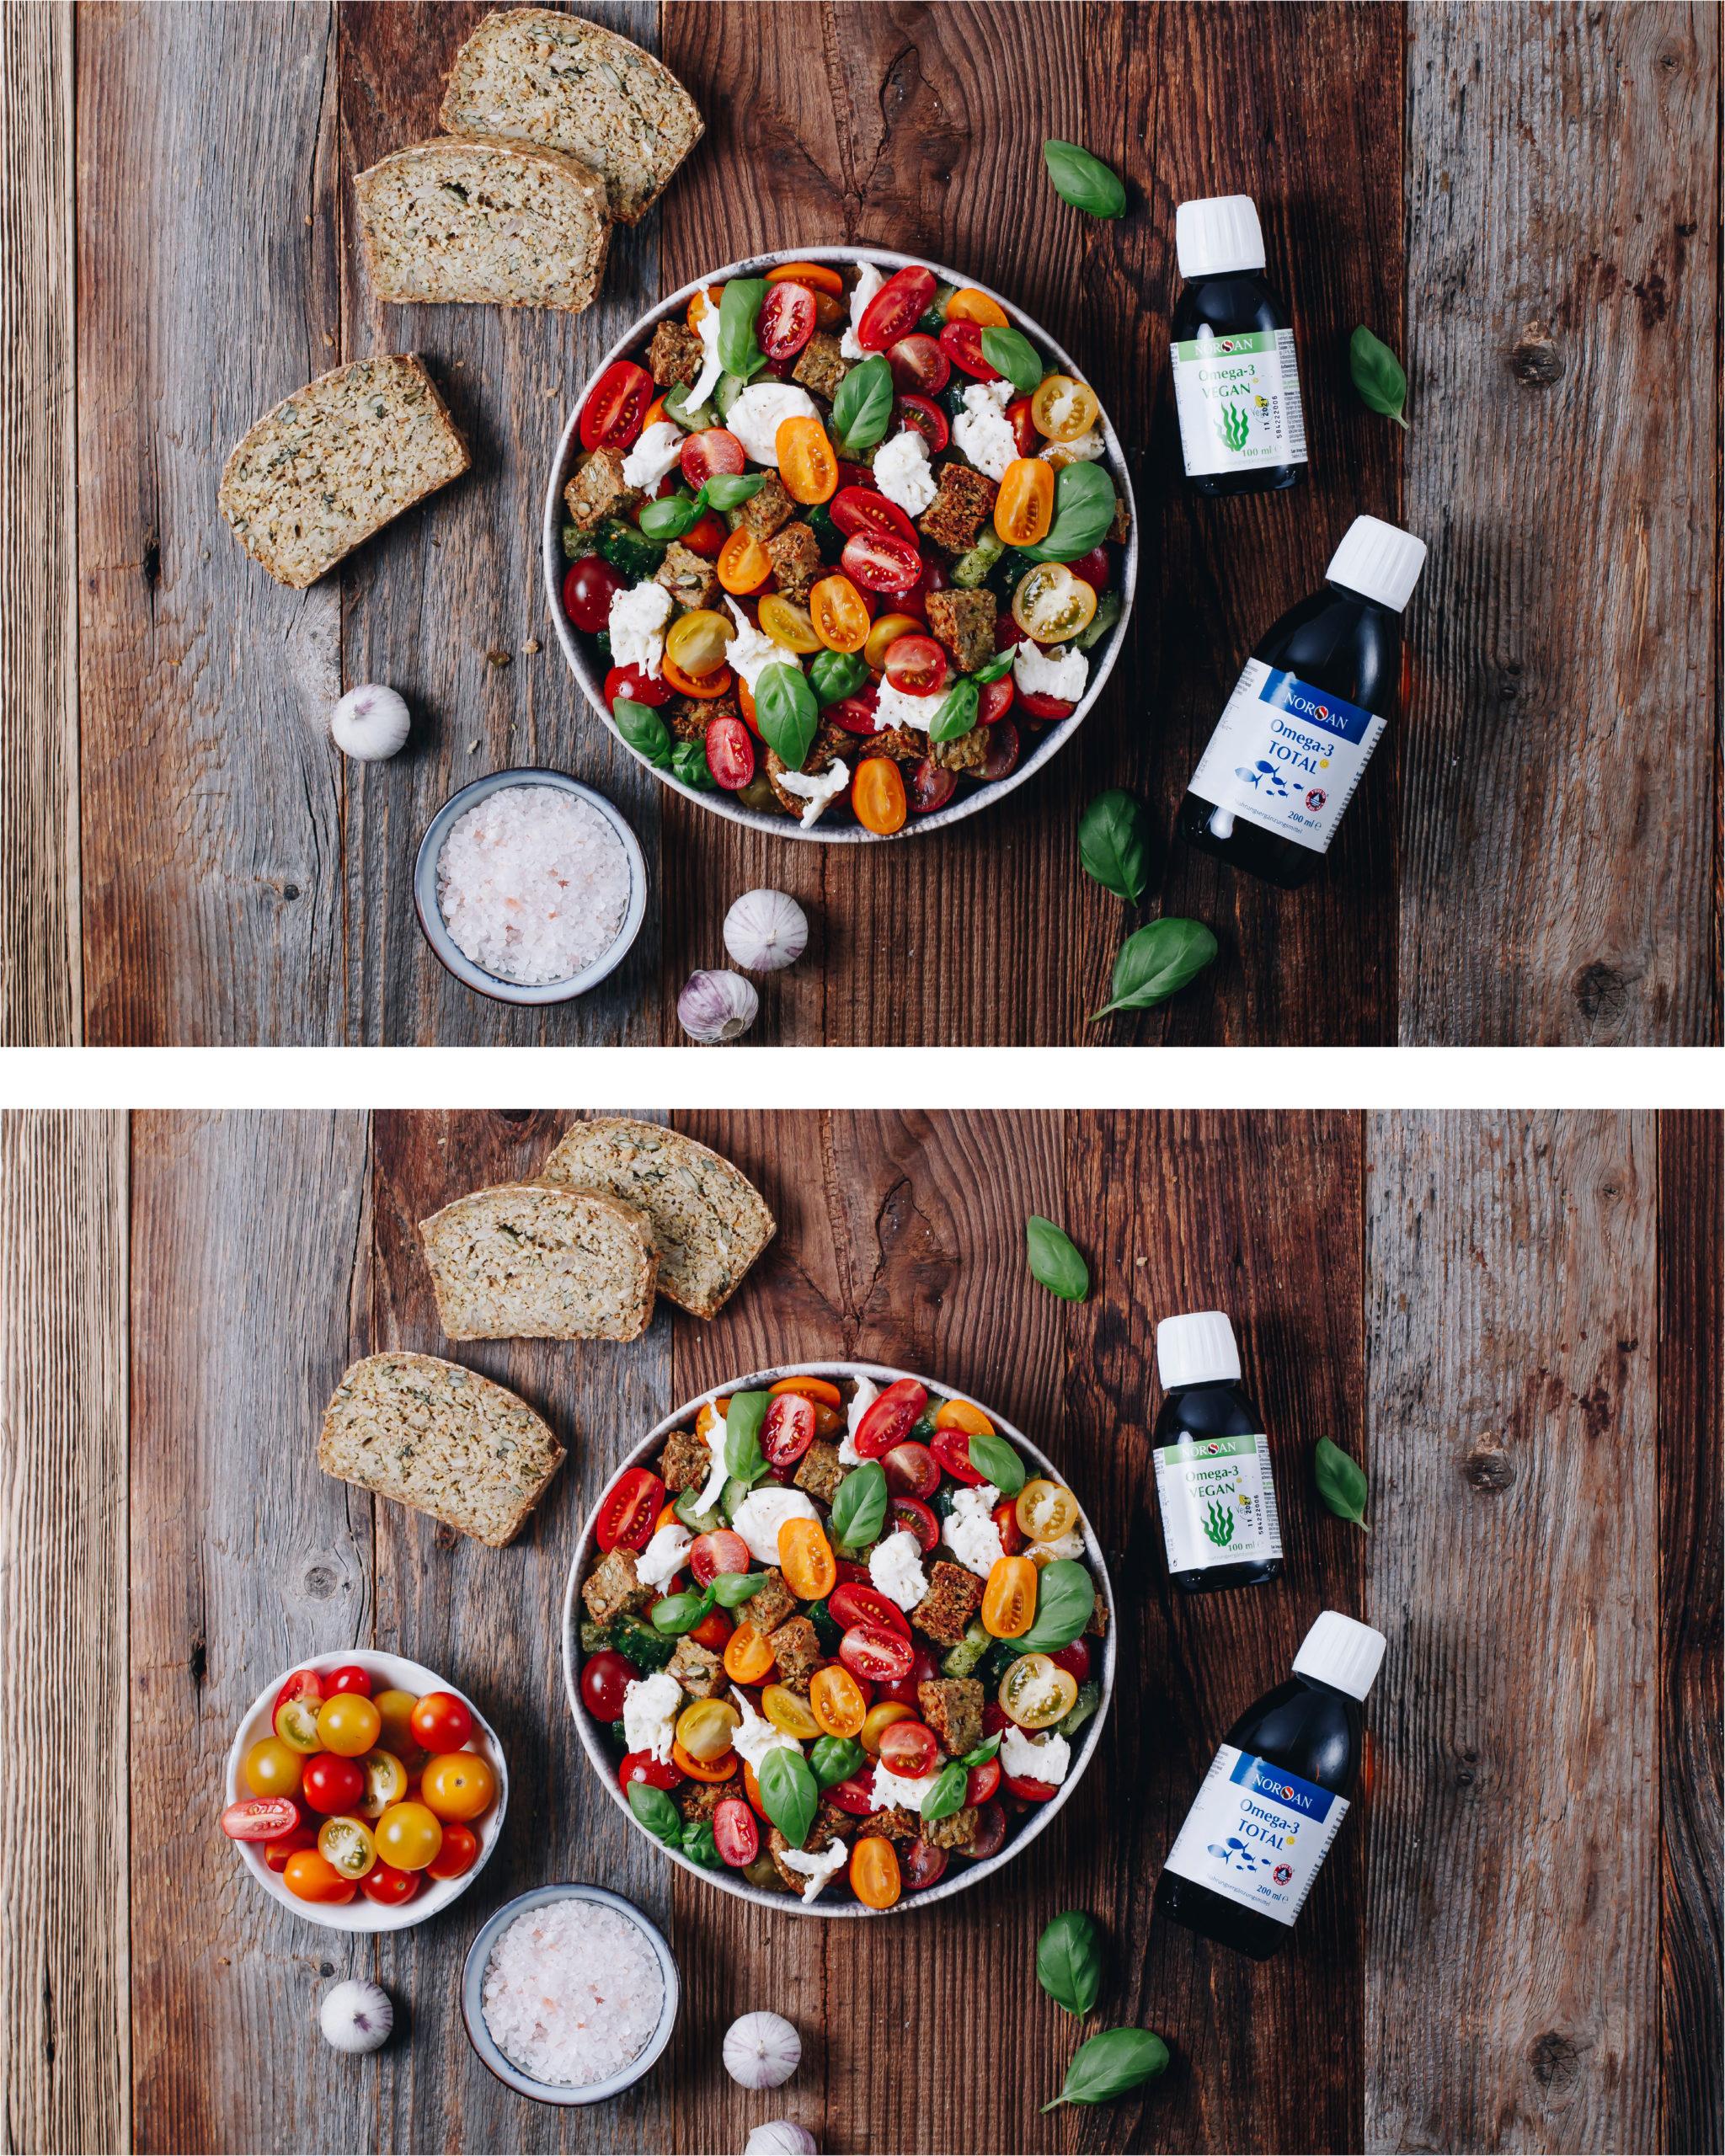 Food Fotografie Tomaten Mozarella Salat Holzhintergrund